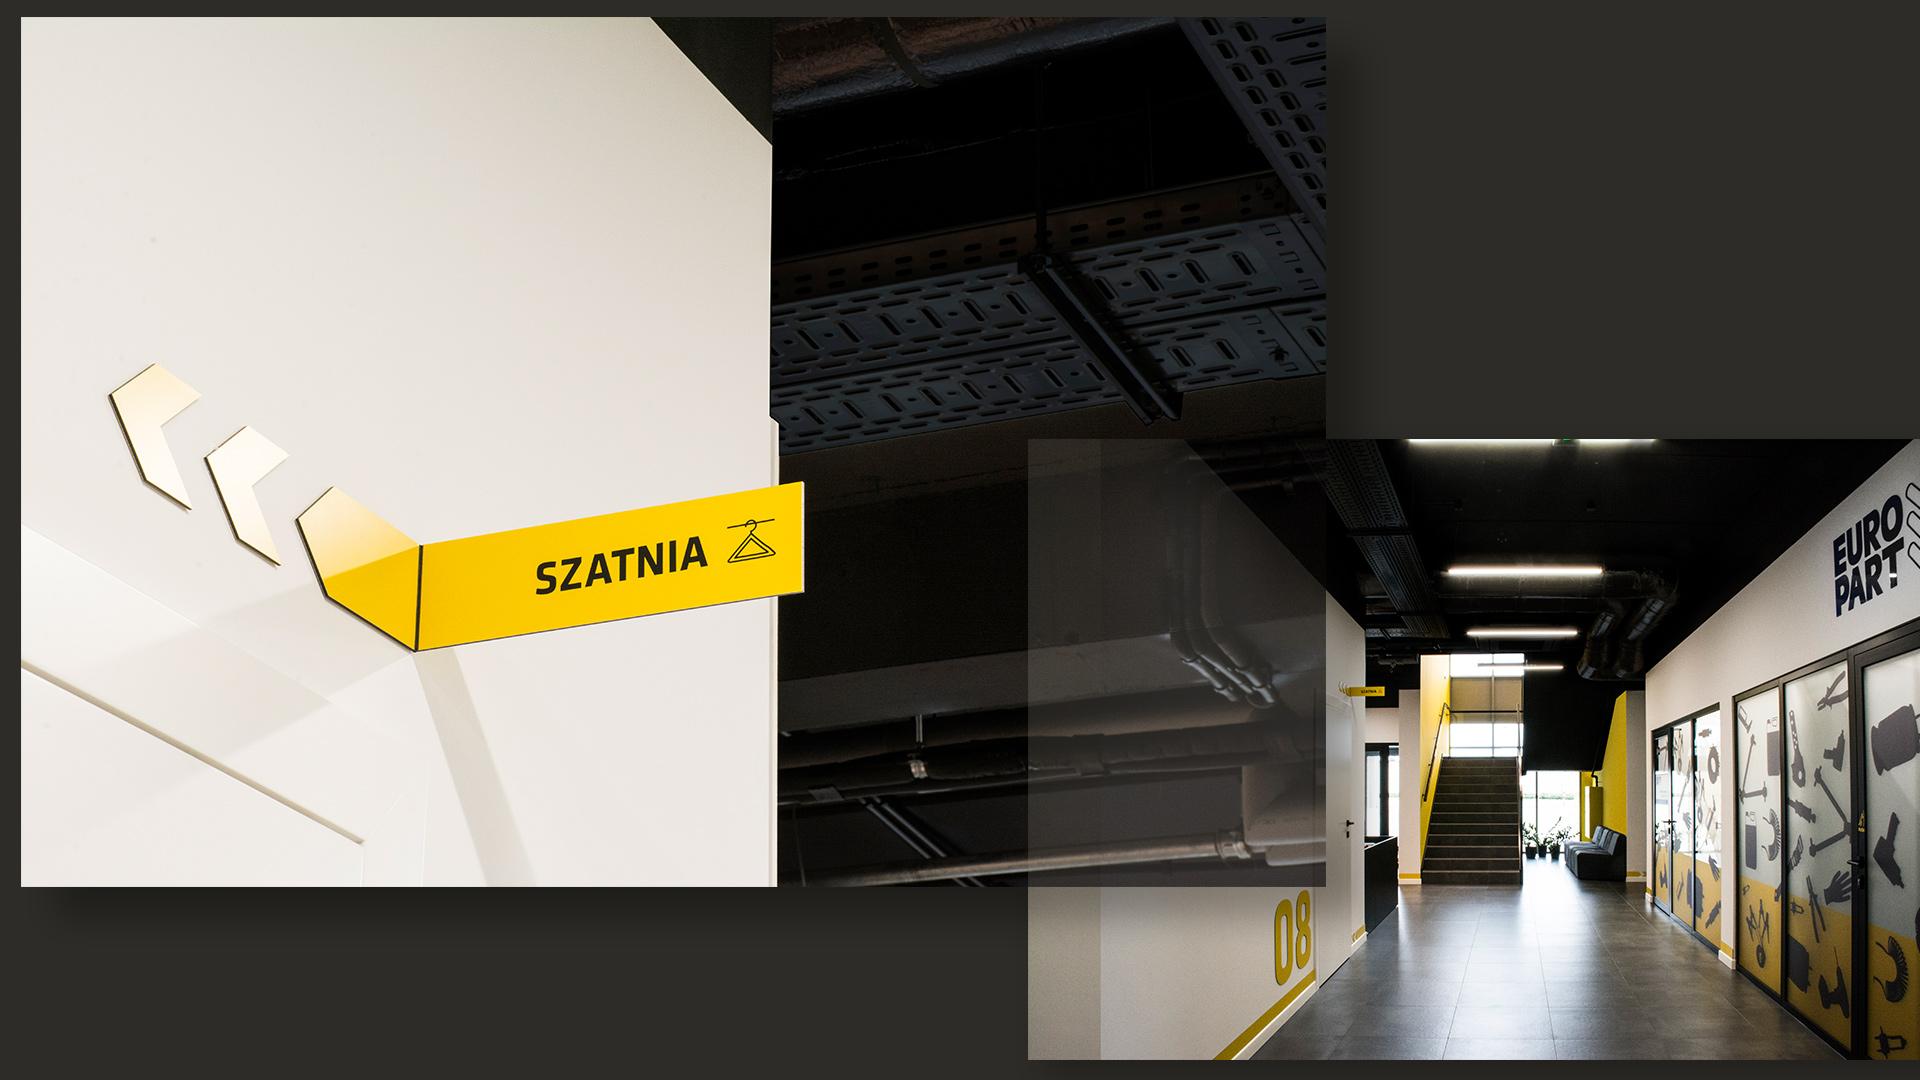 Po lewej  – tabliczka kierunkowa, jeden z elementów nawigacji wizualnej biurowca. Korytarze budynku zostały zaprojektowane w bieli i szarościach z delikatnymi akcentami firmowej żółci i czerni.